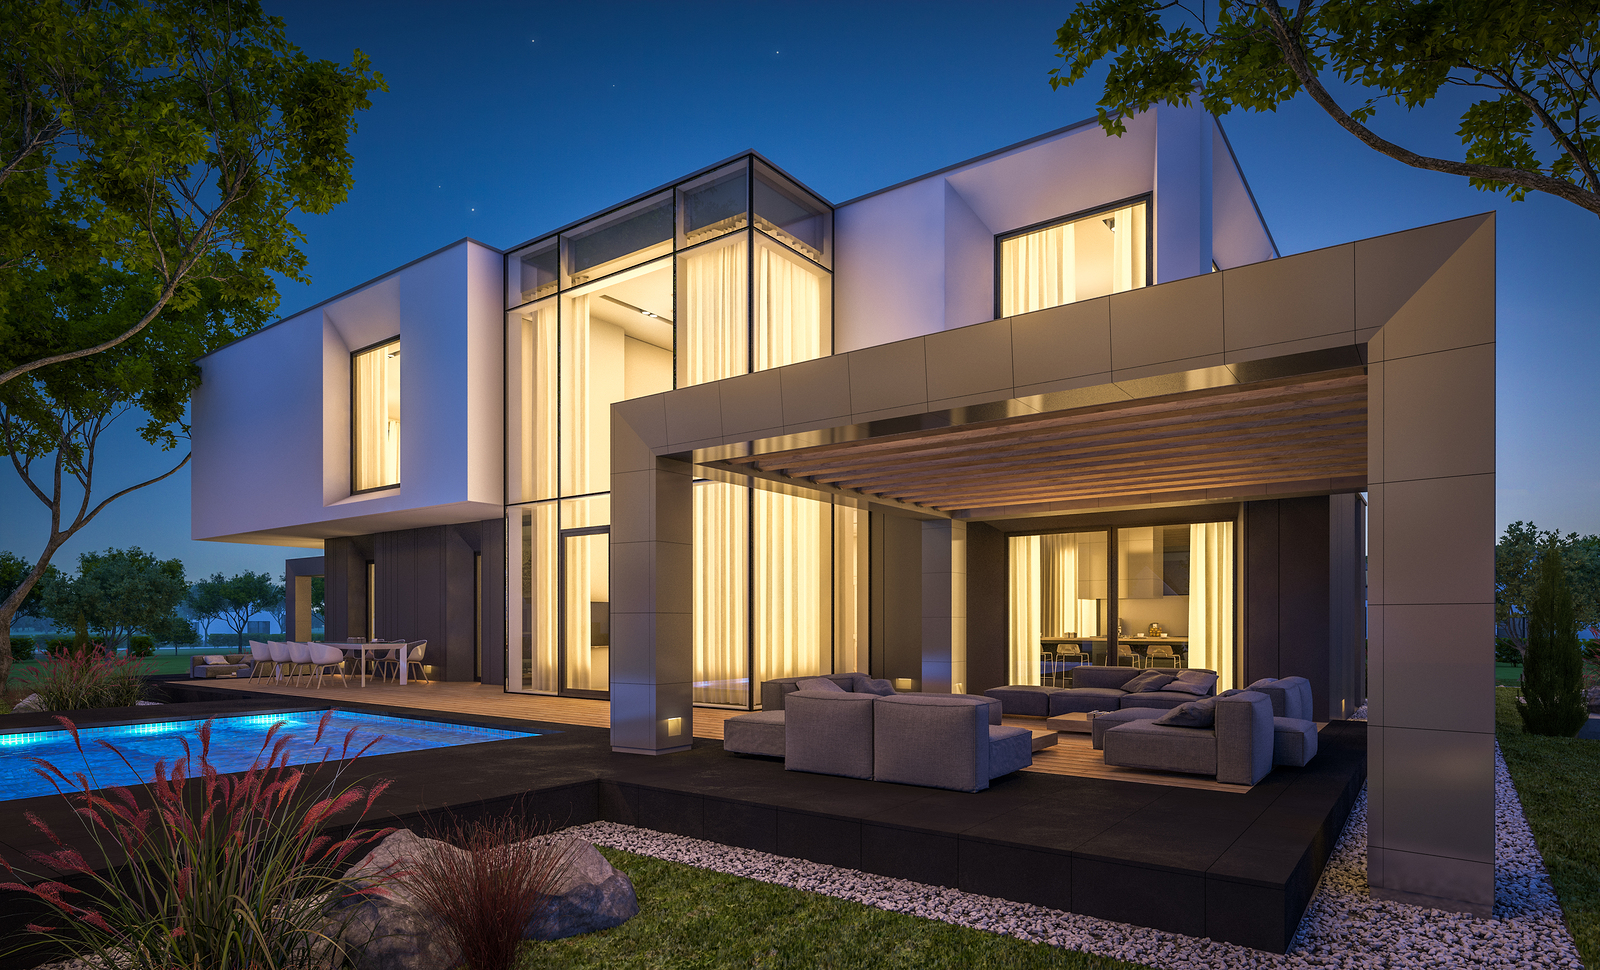 bigstock--D-Rendering-Of-Modern-House-I-239941315.jpg